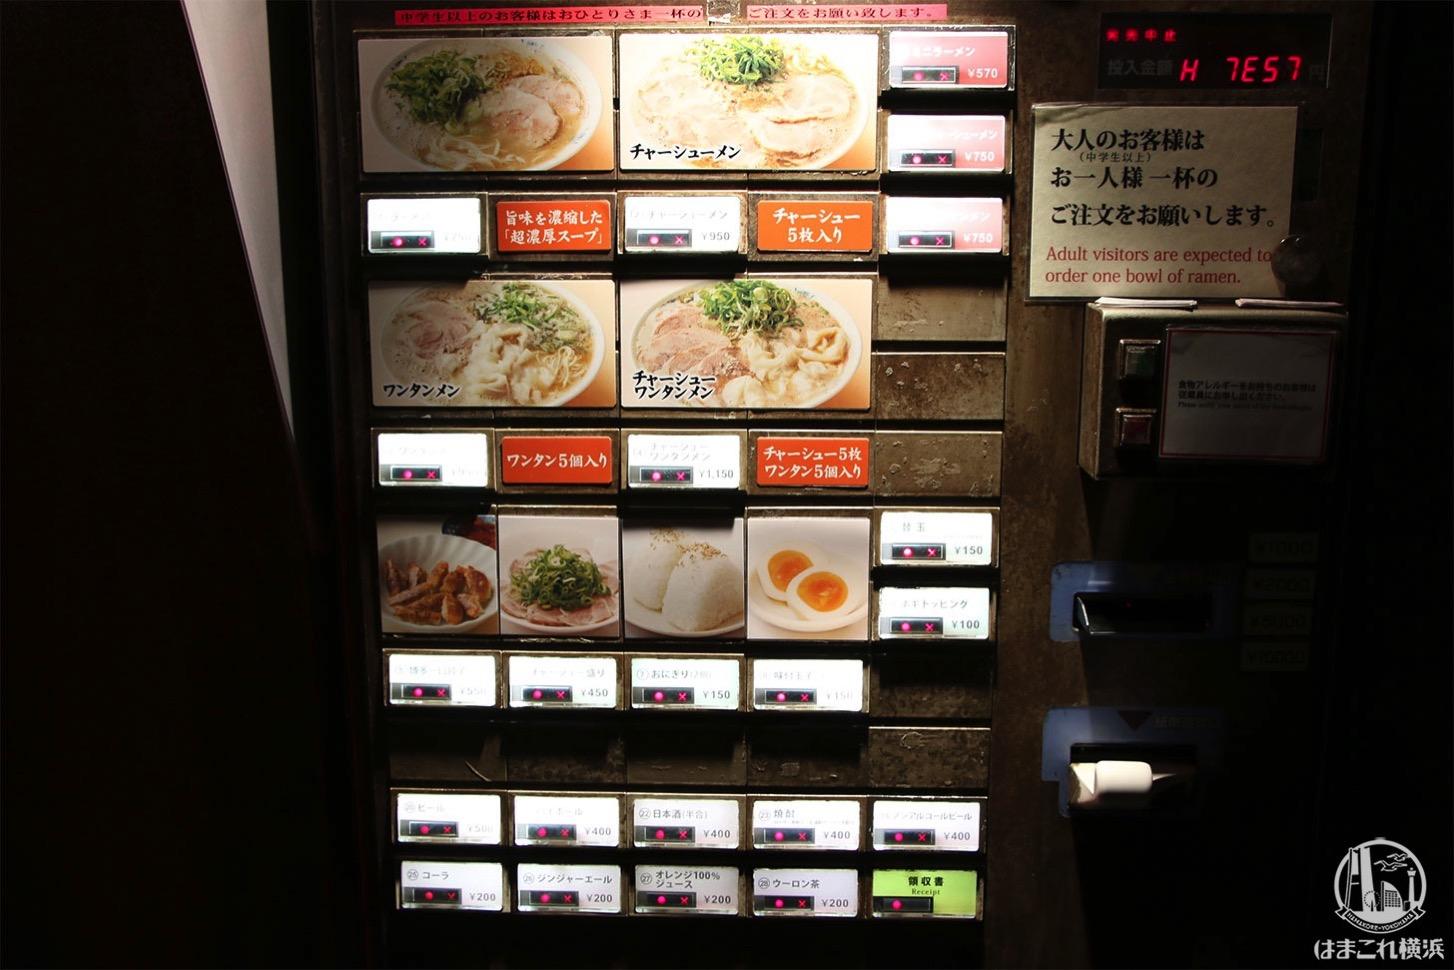 八ちゃんラーメン 新横浜ラーメン博物館 券売機